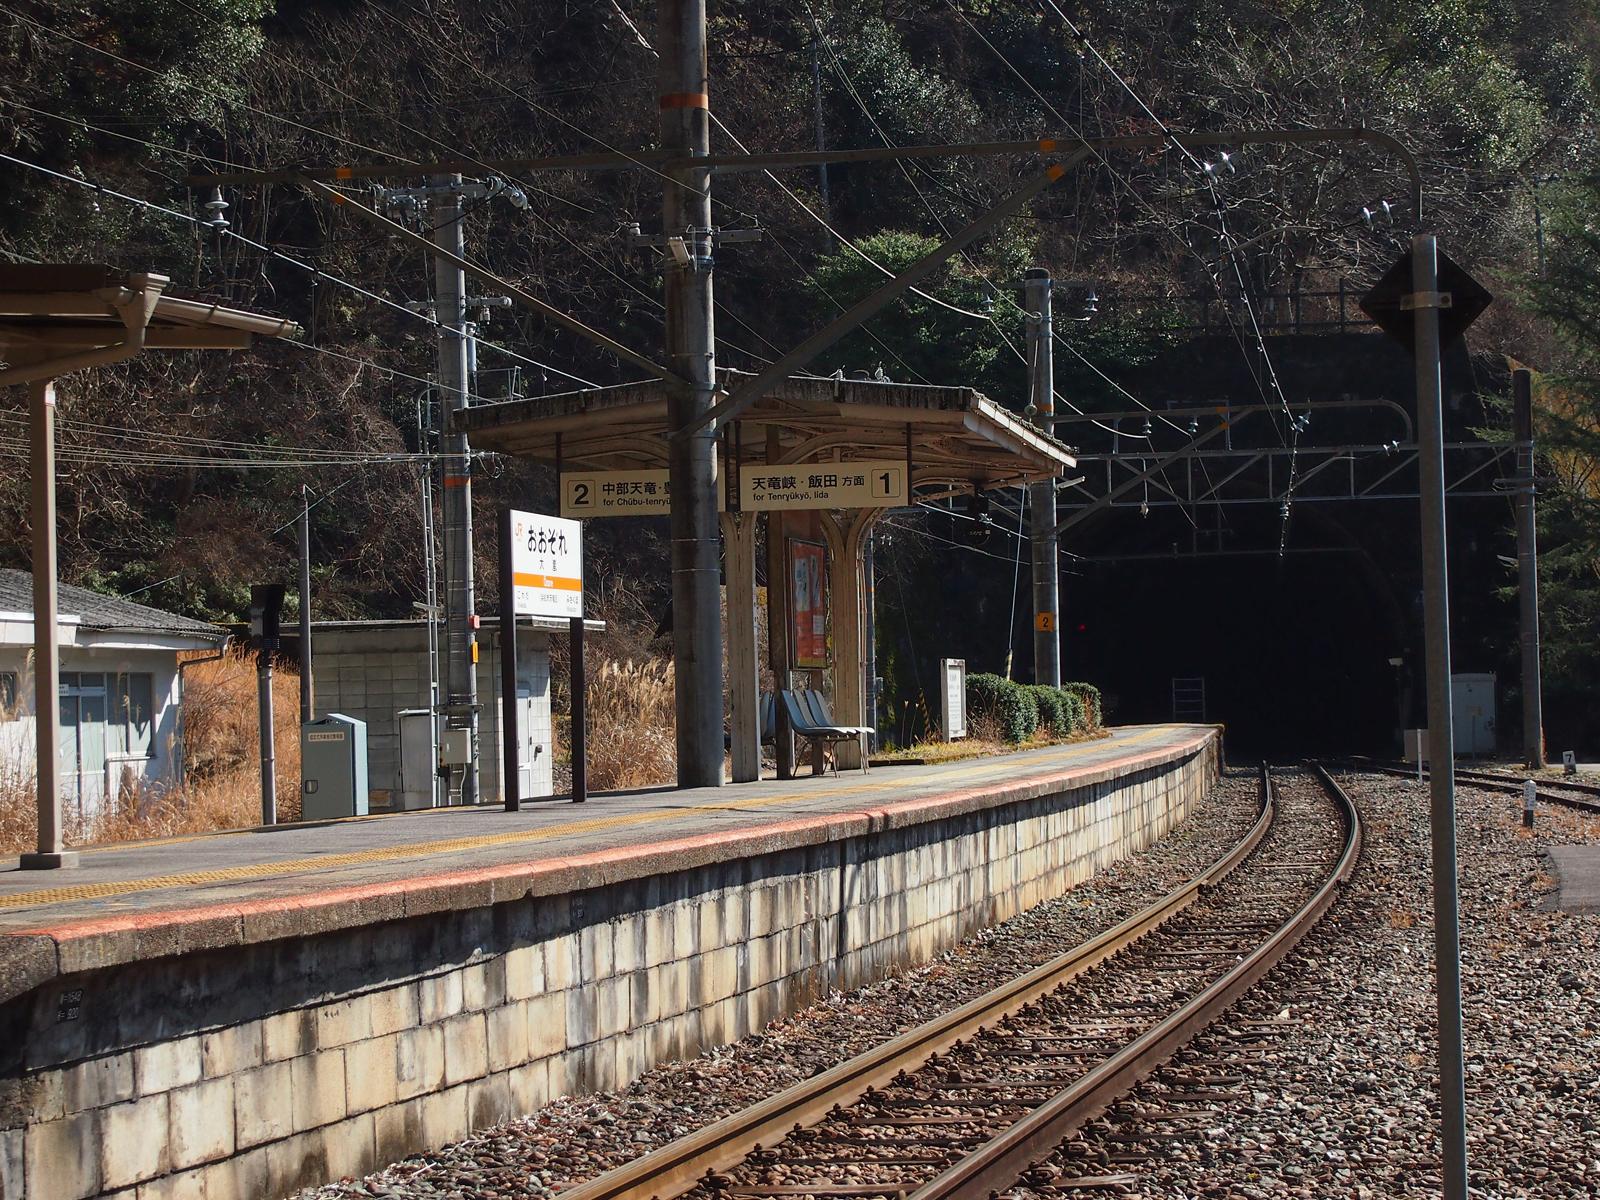 【ウケる】2016冬の18きっぷポスターが大嵐駅だった話